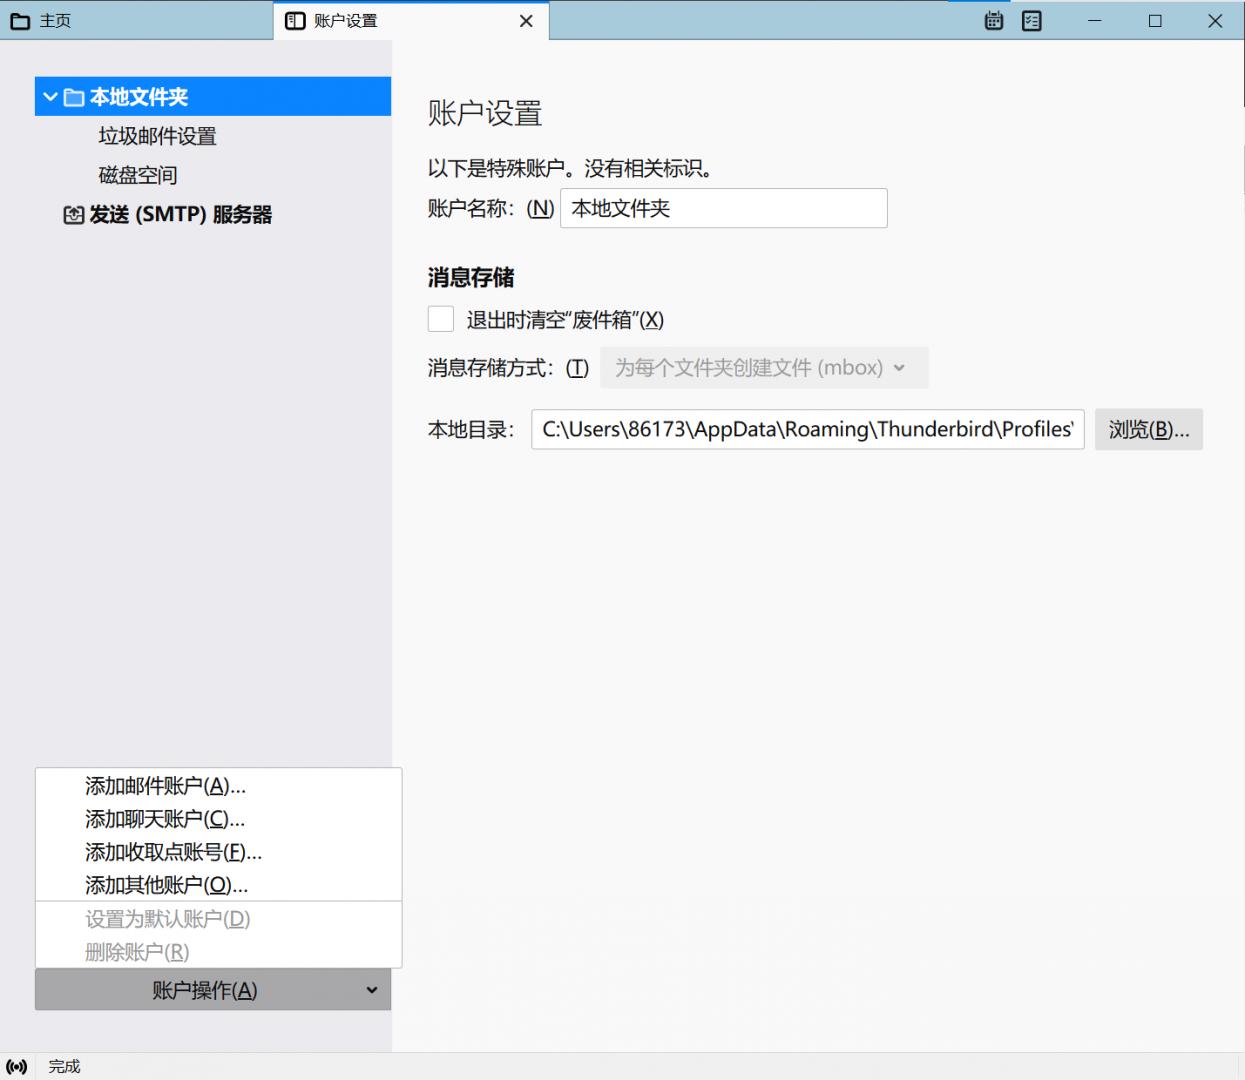 图2:账户设置页面